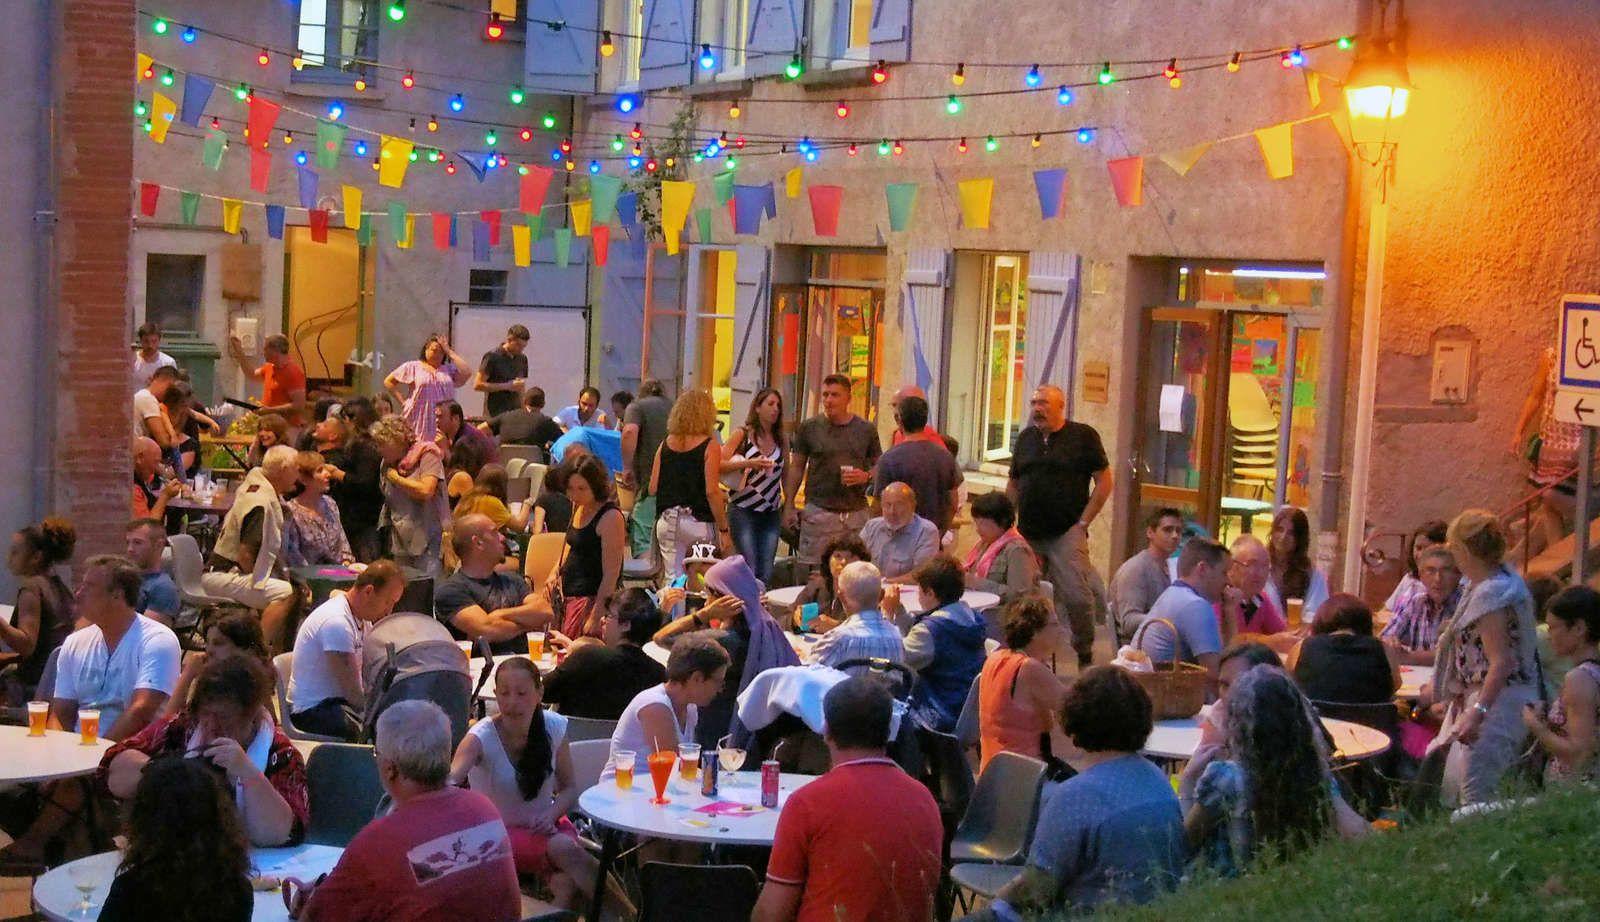 L'édition 2016 du Festival d'été d'Avignonet a refermé ses portes